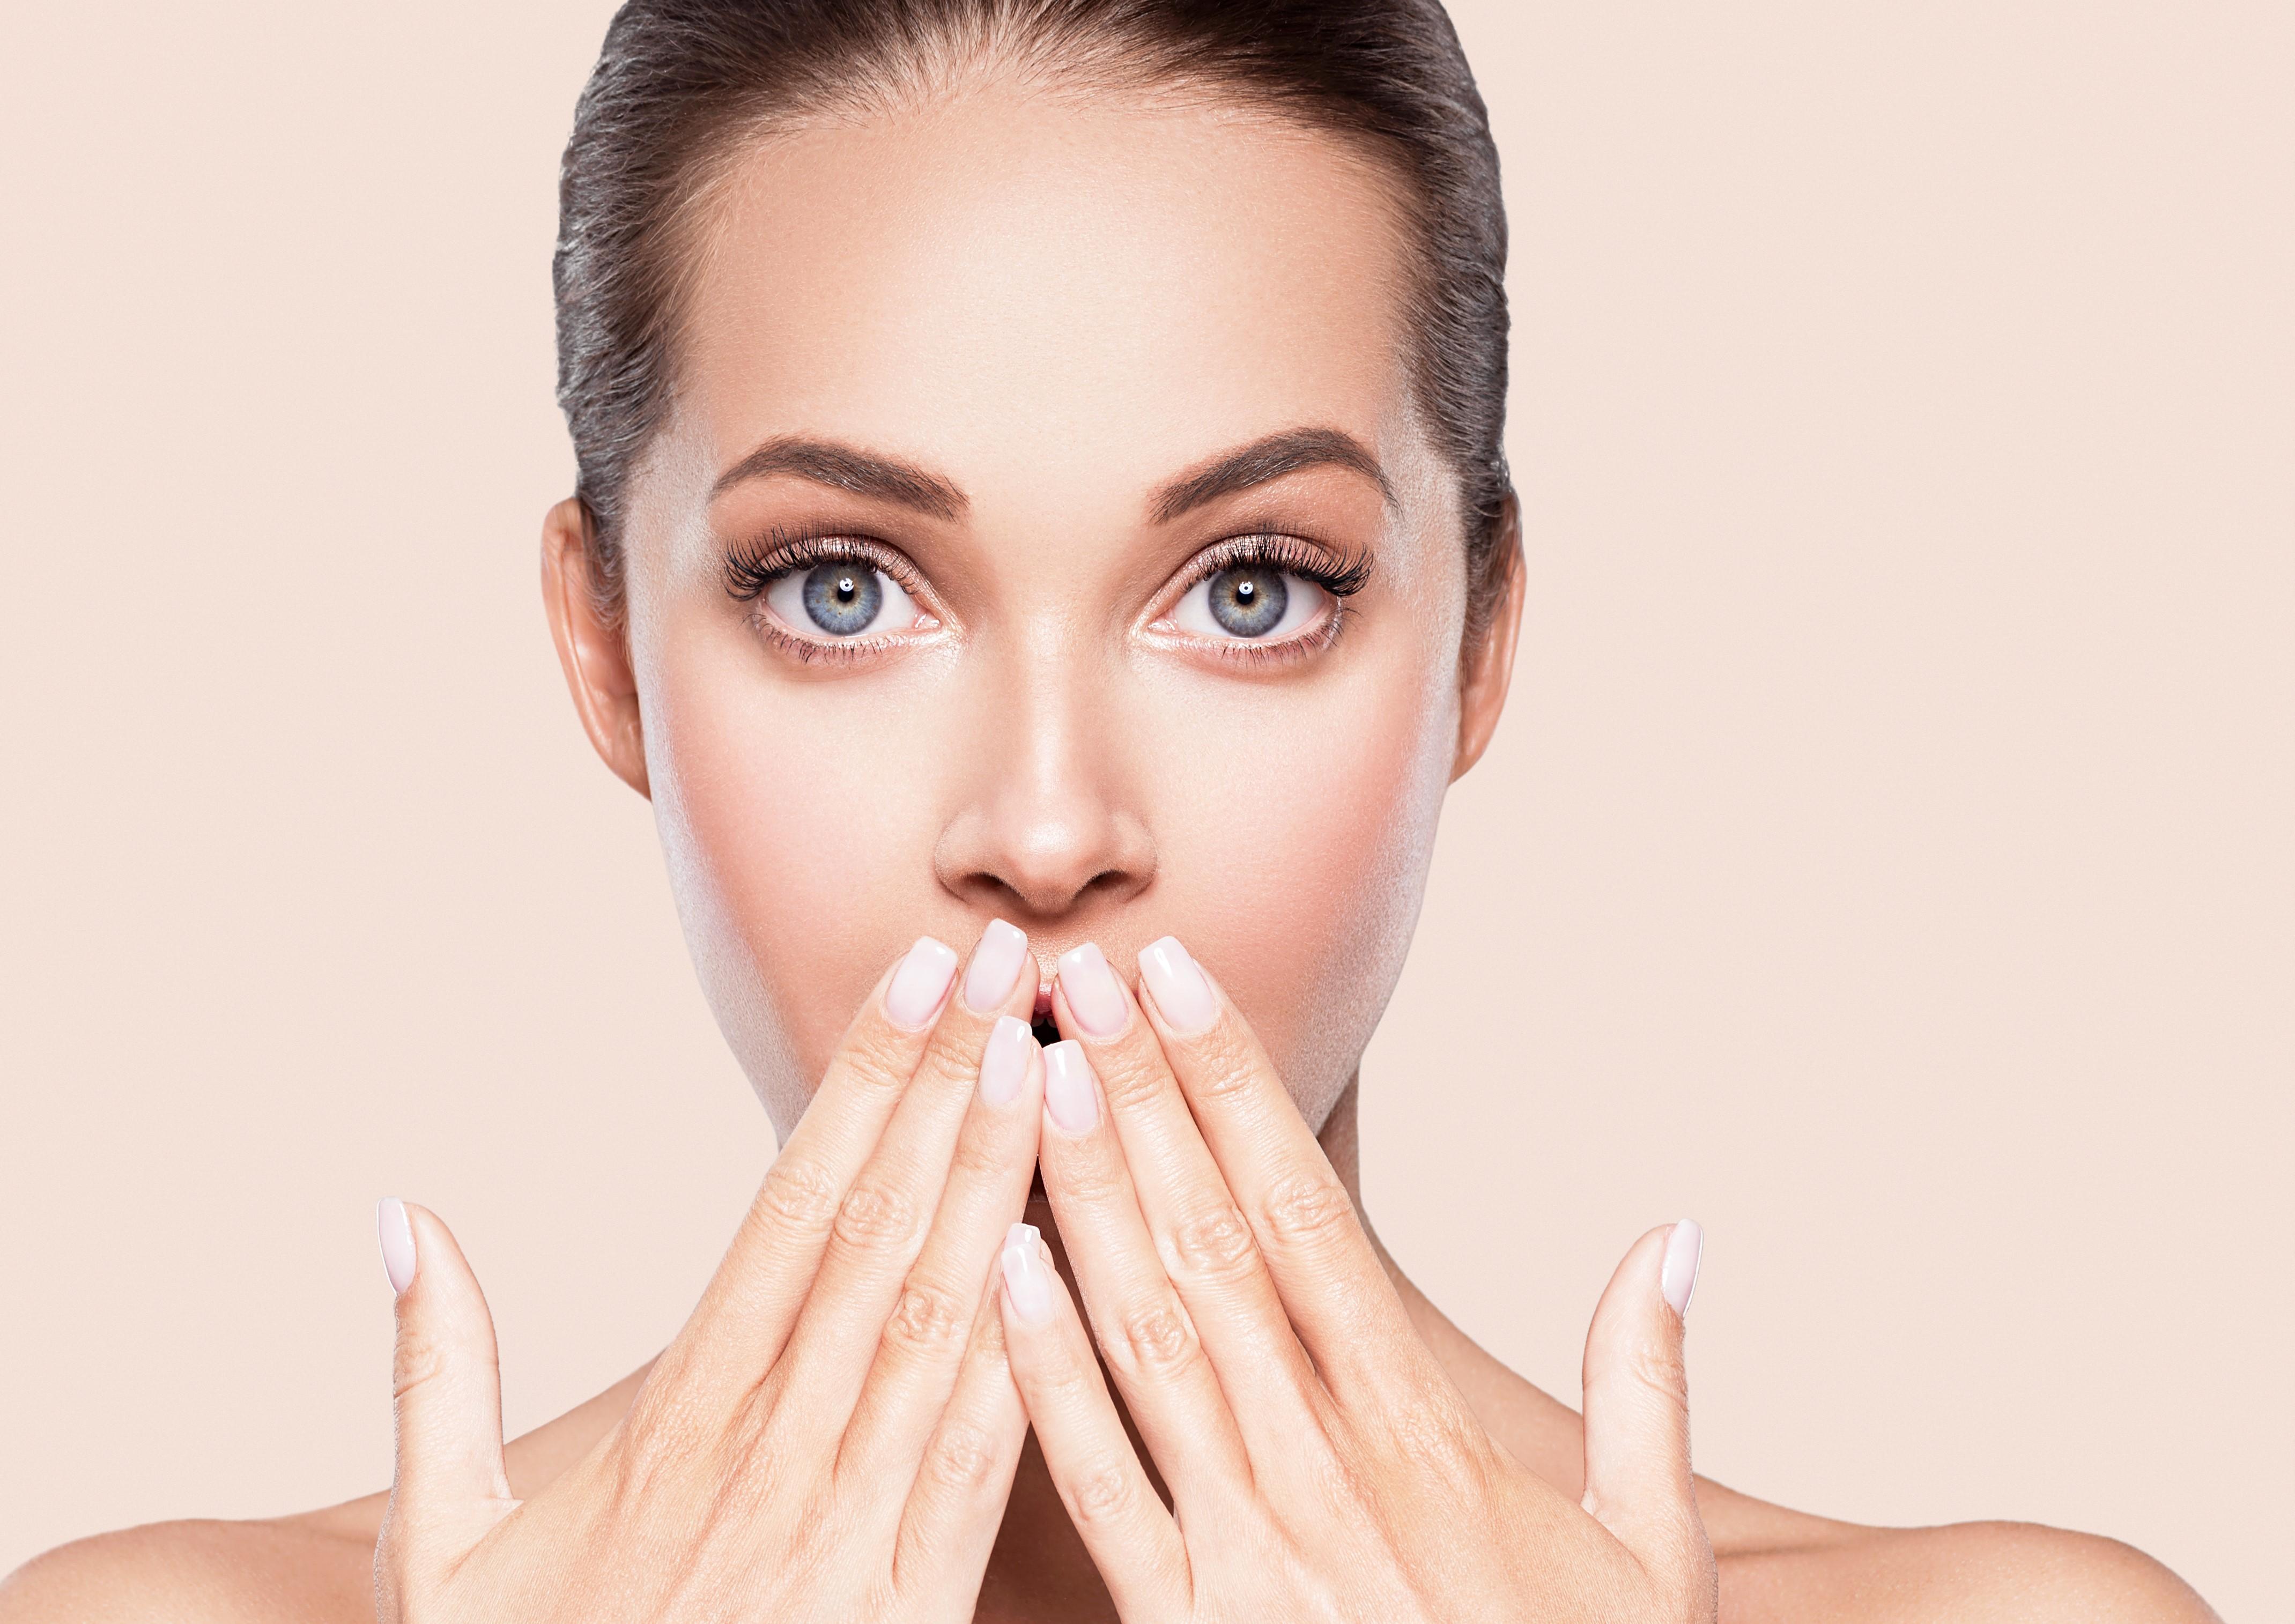 اسباب زيادة افراز الدهون في الوجه